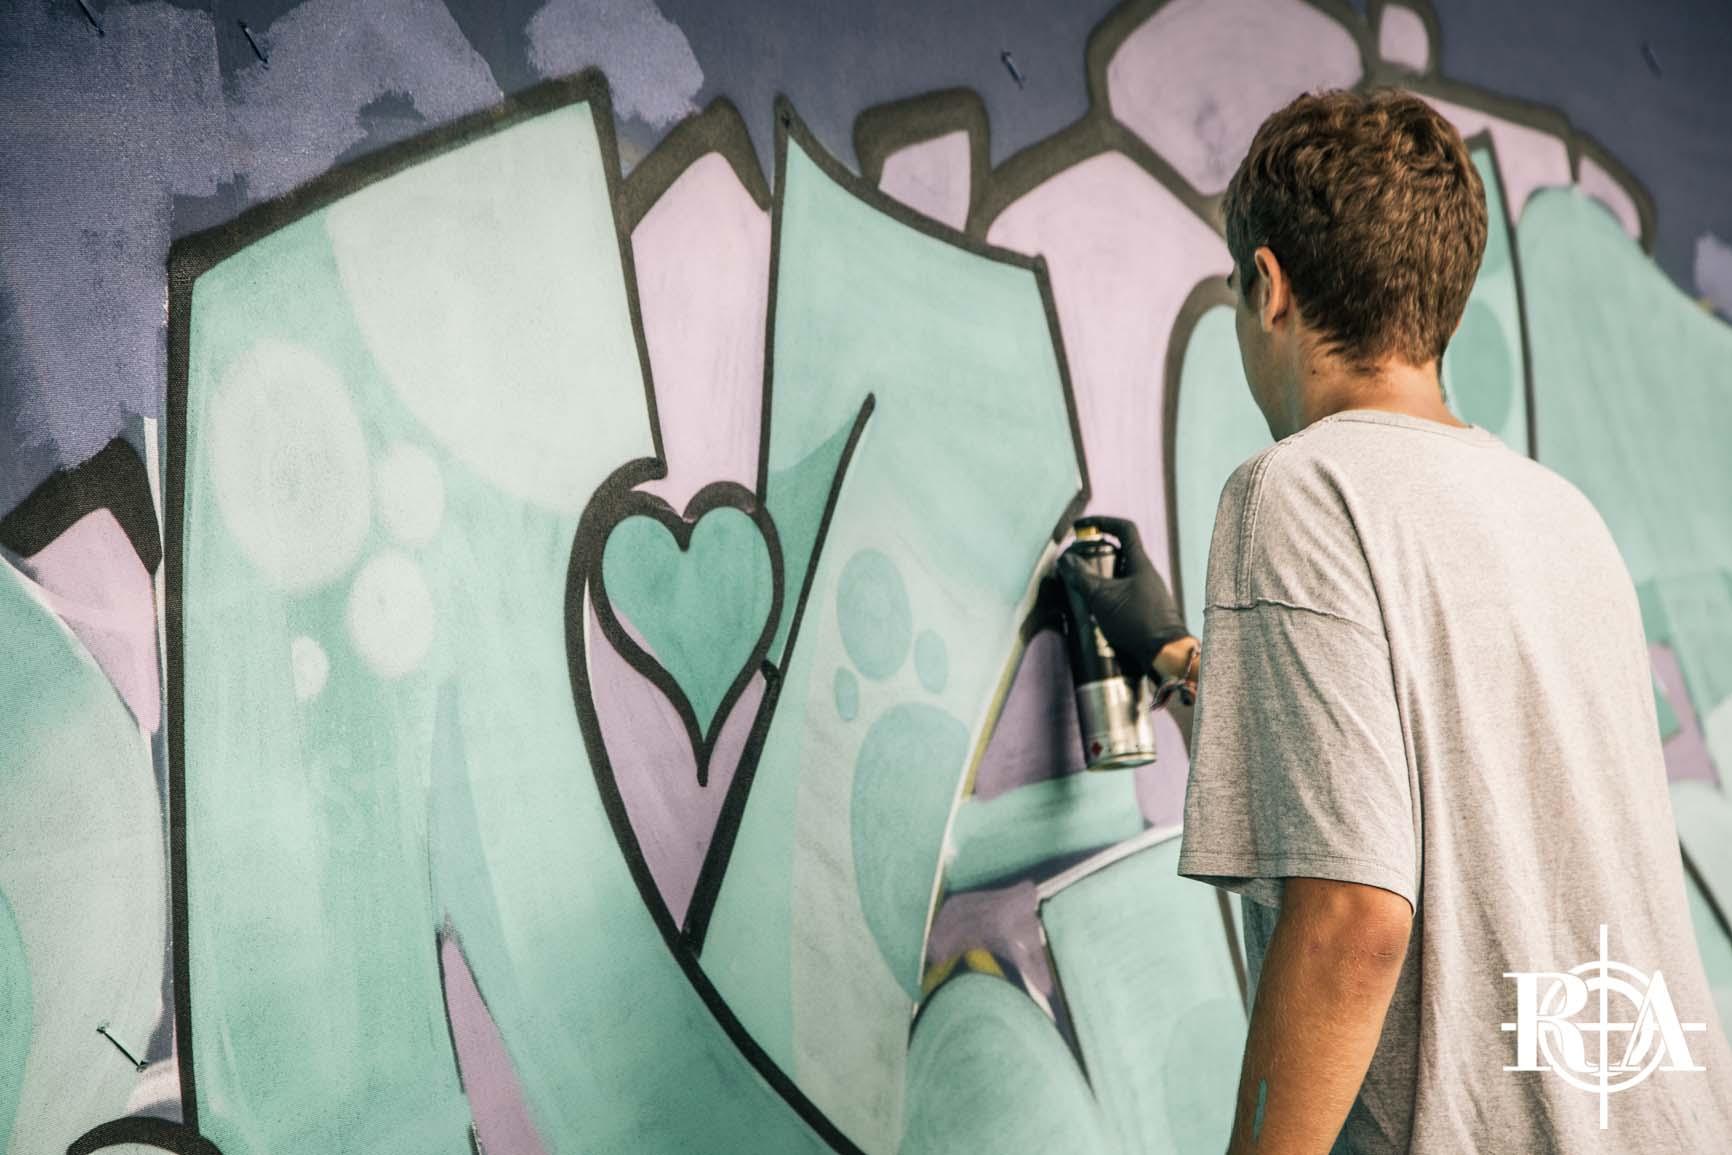 GRAFFITI WALL - Wer letztes Jahr bei uns auf dem Landenberg war, kann sich sicherlich an die 100m Graffiti Wall von über 20 Künstlern aus Europa erinnern. Auch dieses Jahr kommen wir wieder in den Genuss dieser Kunst. All dies ermöglichen euch die Jungs von der Central Steez Family!